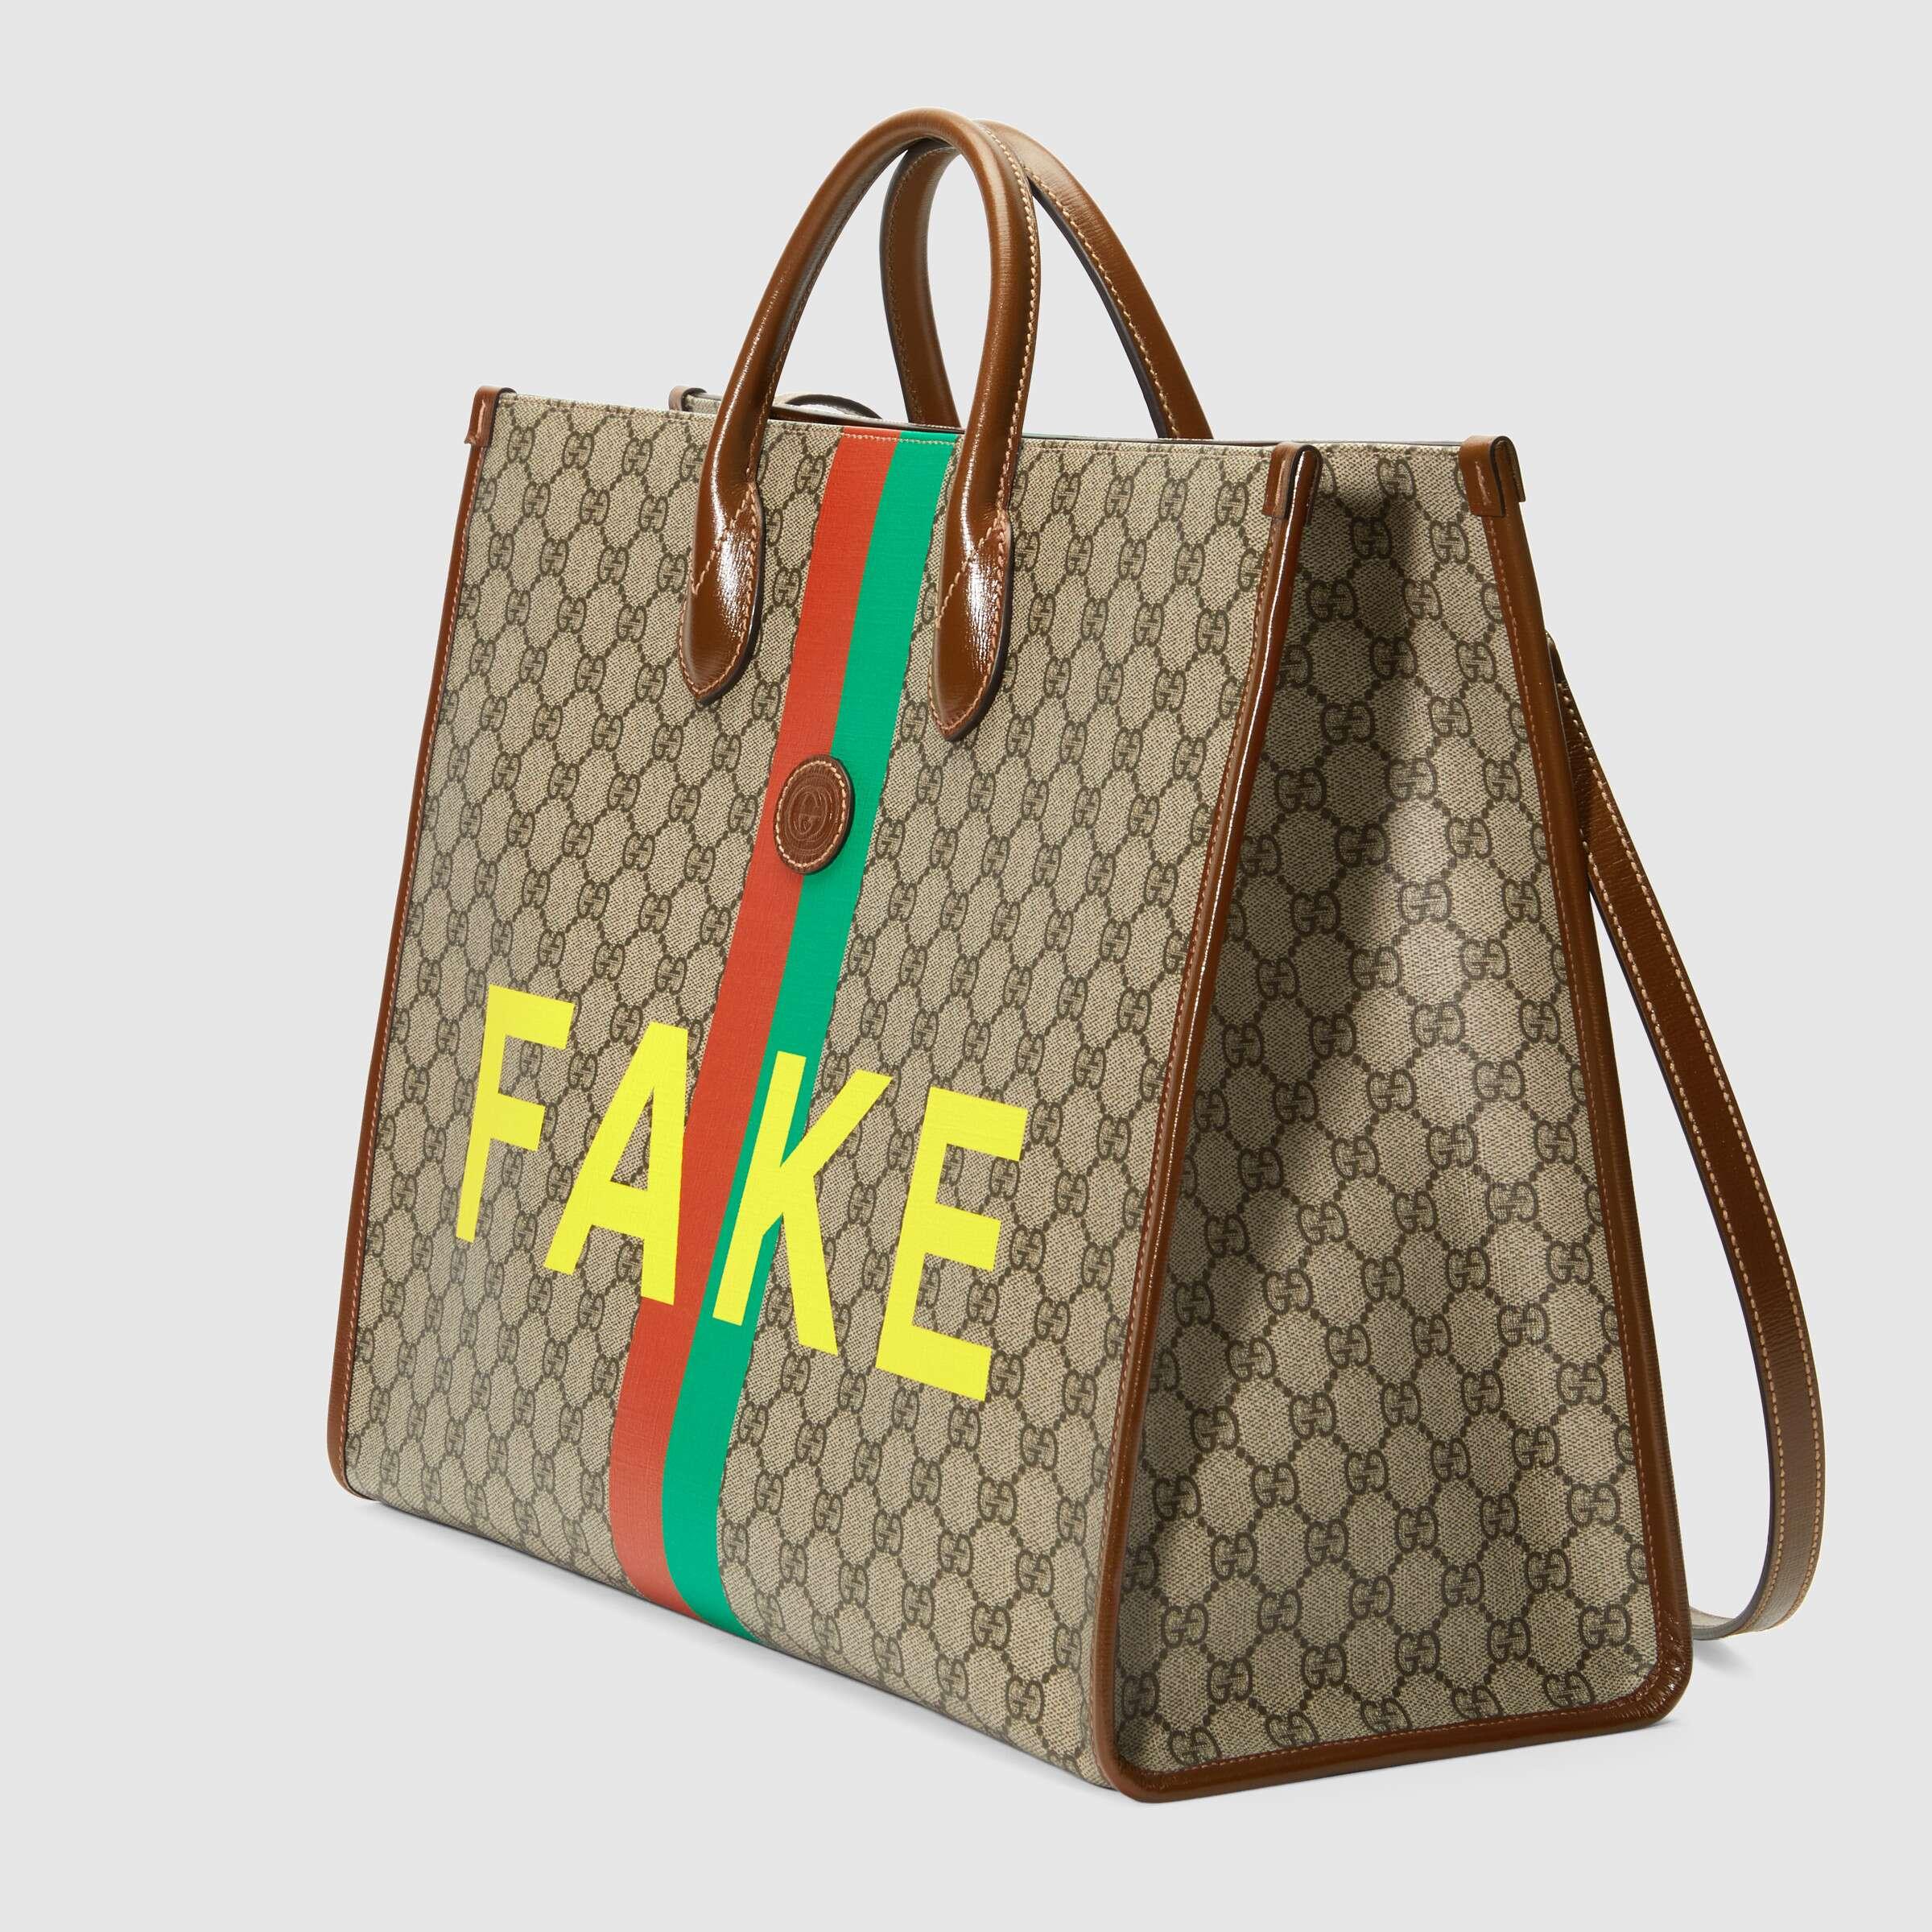 유럽직배송 구찌 GUCCI Gucci 'Fake/Not' print large tote bag 6303532GCAG8280